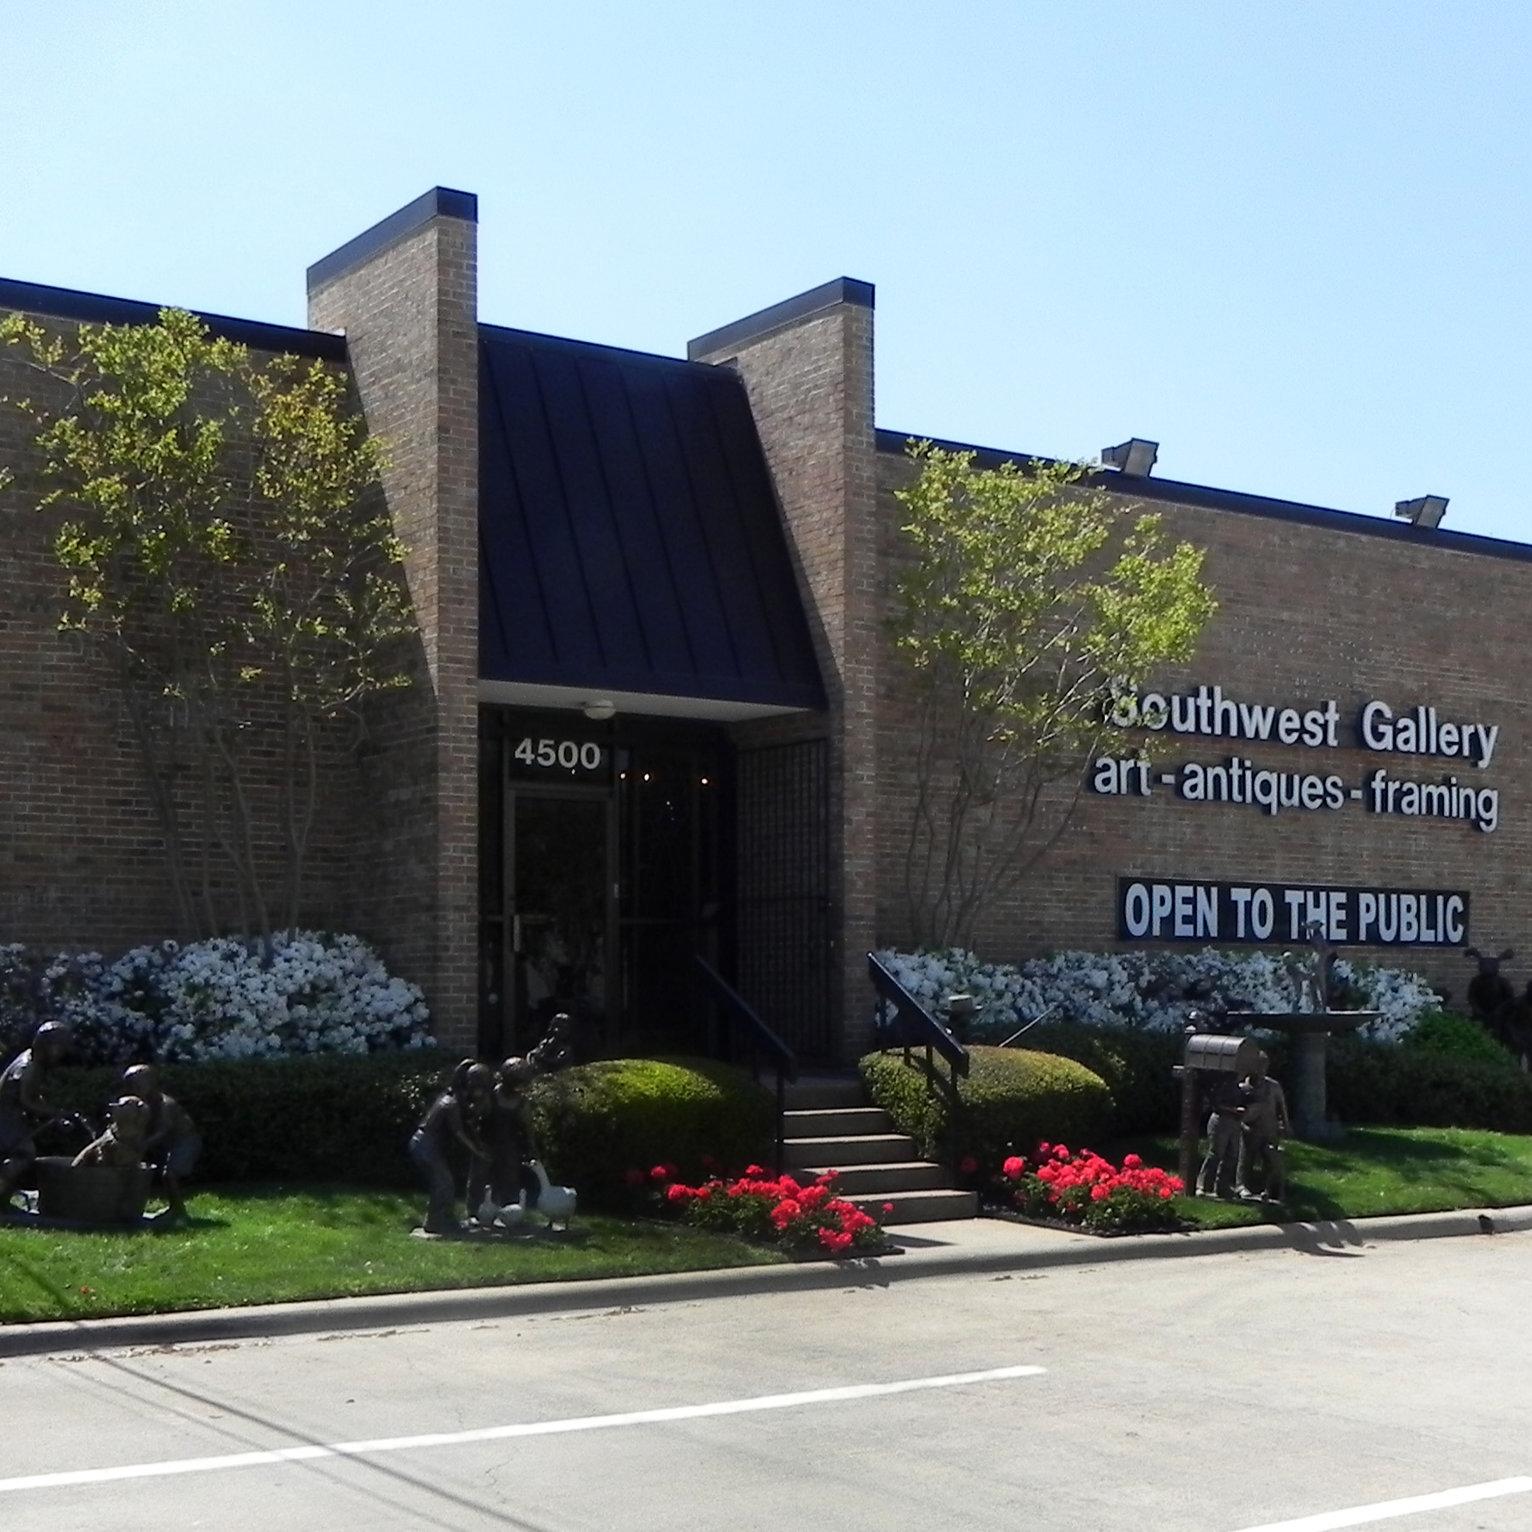 Southwest Gallery - 4500 Sigma RoadDallas, Texas 75244(800) 272-9910